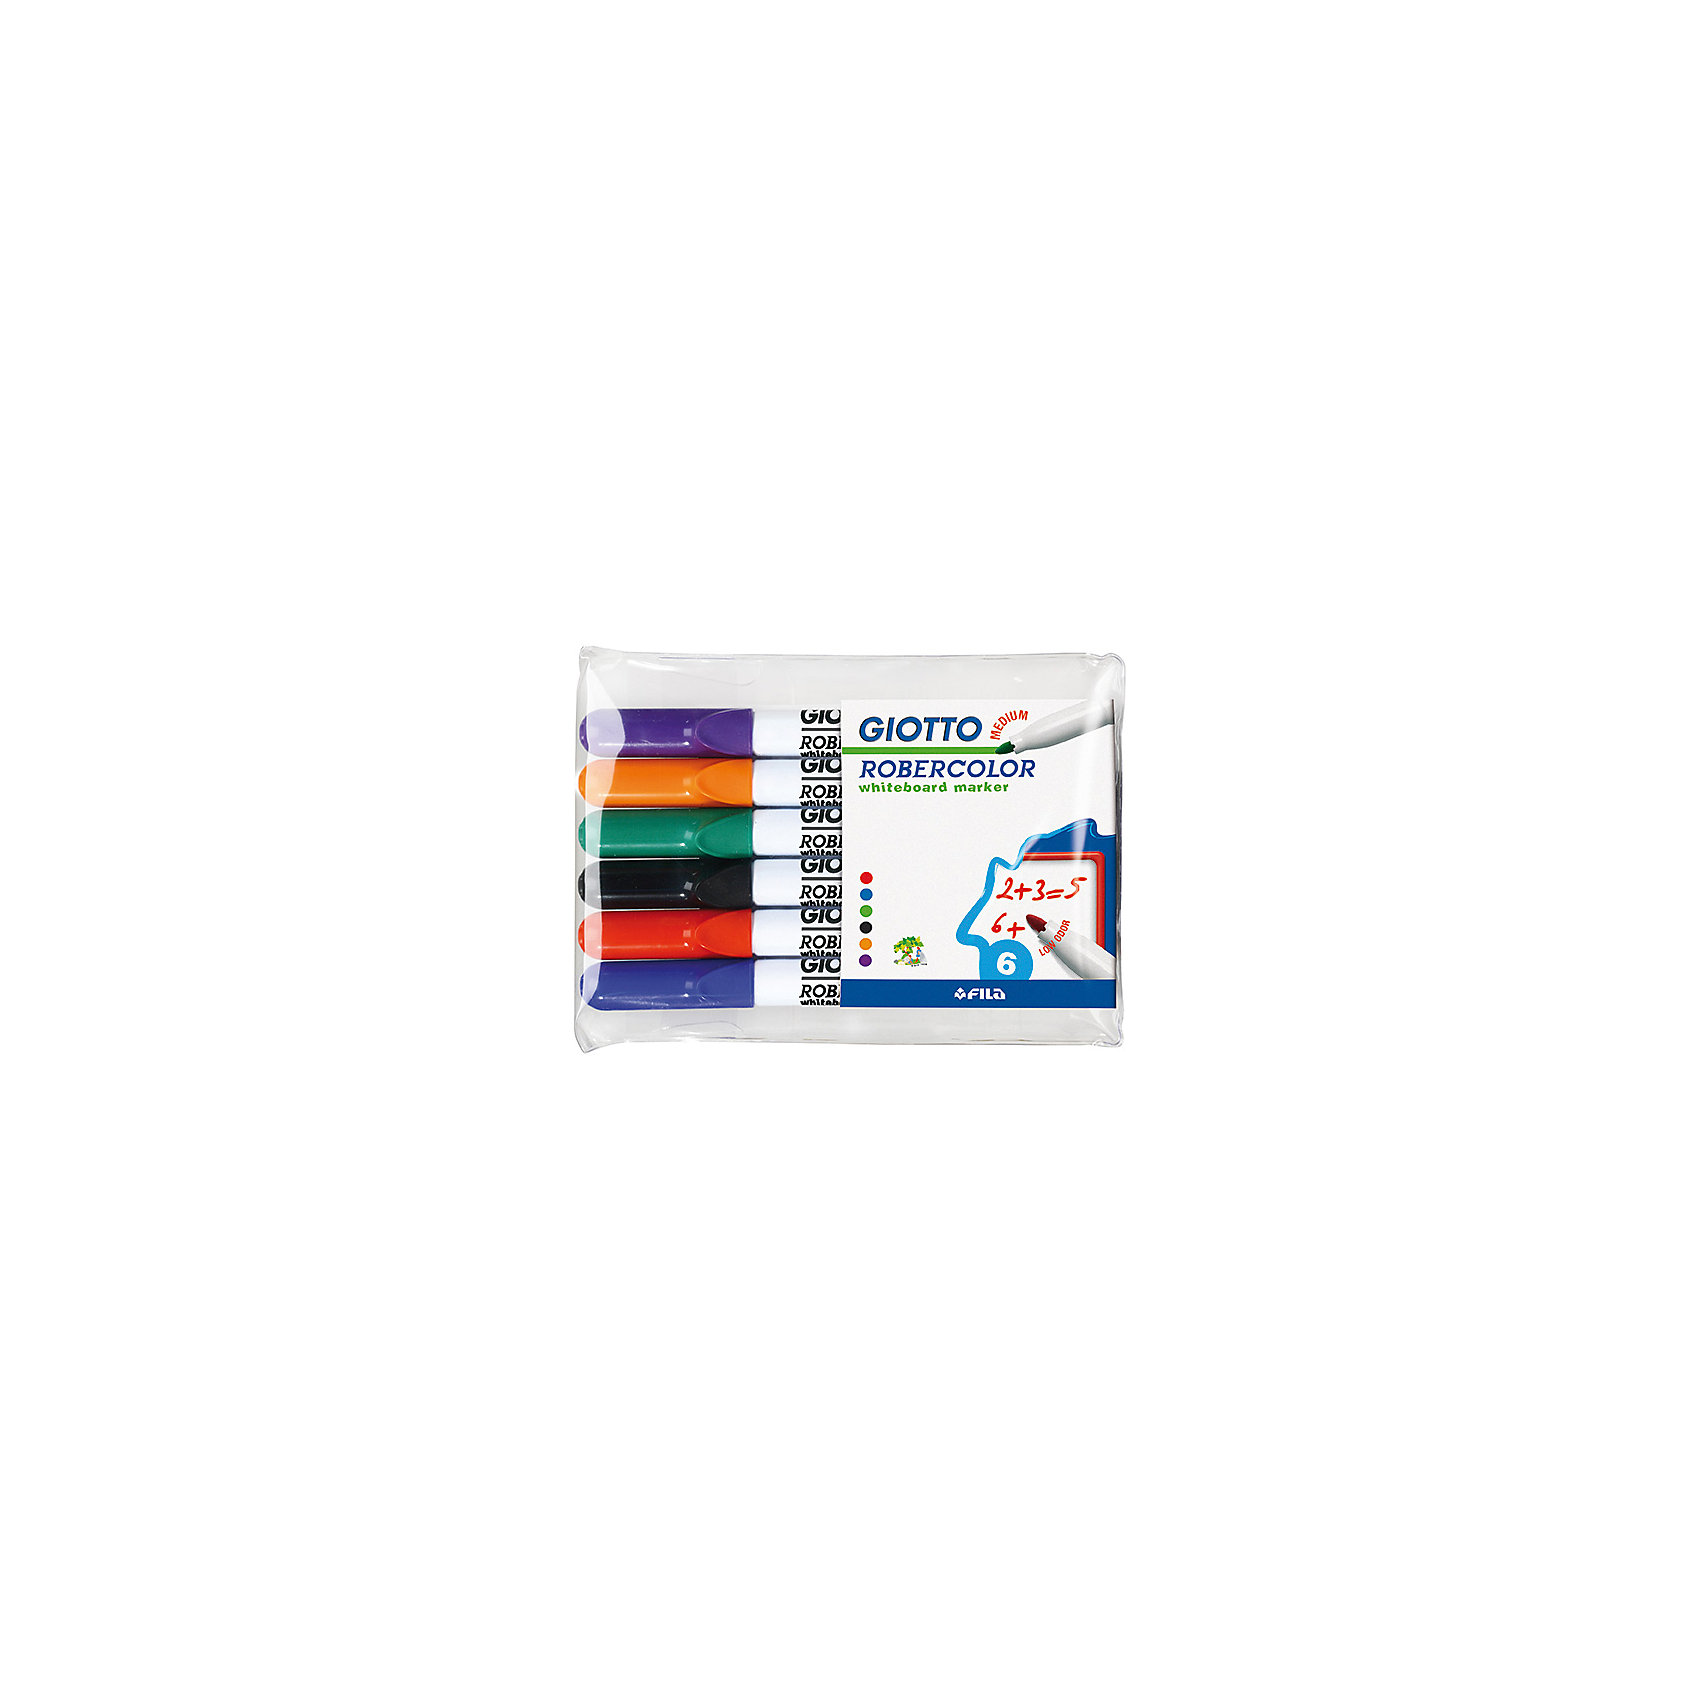 Набор маркеров для белой доски со средним наконечником 6штНабор маркеров для белой доски с круглым средним наконечником и быстросохнущими чернилами. Яркие цвета. Легко стираются с поверхности доски. 6шт в блистере.<br><br>Ширина мм: 60<br>Глубина мм: 10<br>Высота мм: 140<br>Вес г: 90<br>Возраст от месяцев: 72<br>Возраст до месяцев: 120<br>Пол: Унисекс<br>Возраст: Детский<br>SKU: 5107807